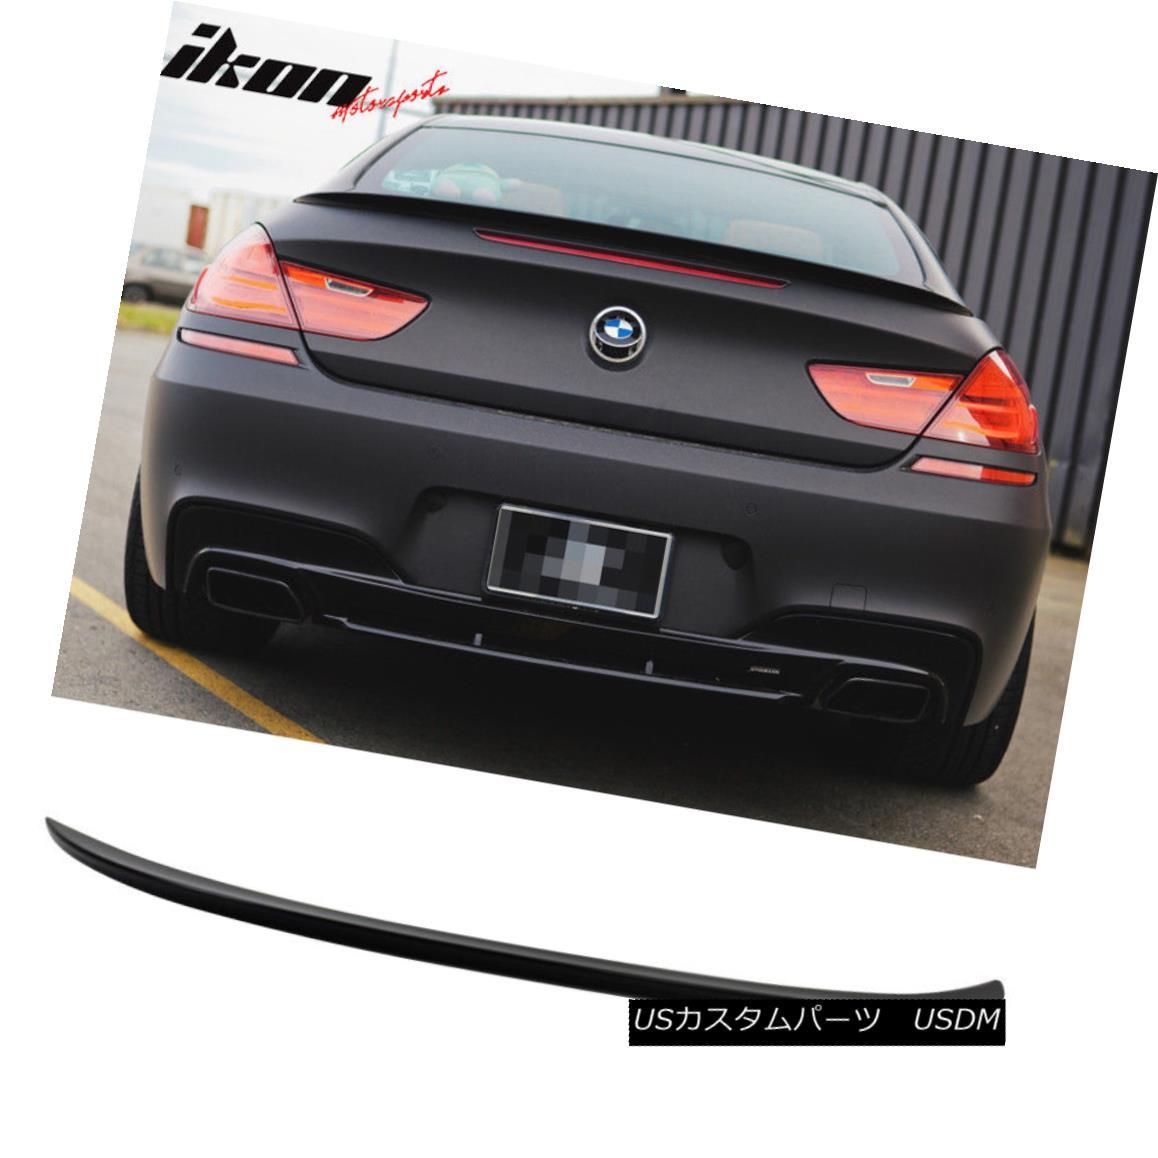 エアロパーツ Fits 12-17 BMW 6 Series F13 M6 Trunk Spoiler Painted Carbon Black Metallic #416 フィット12-17 BMW 6シリーズF13 M6トランクスポイラーペイントカーボンブラックメタリック#416